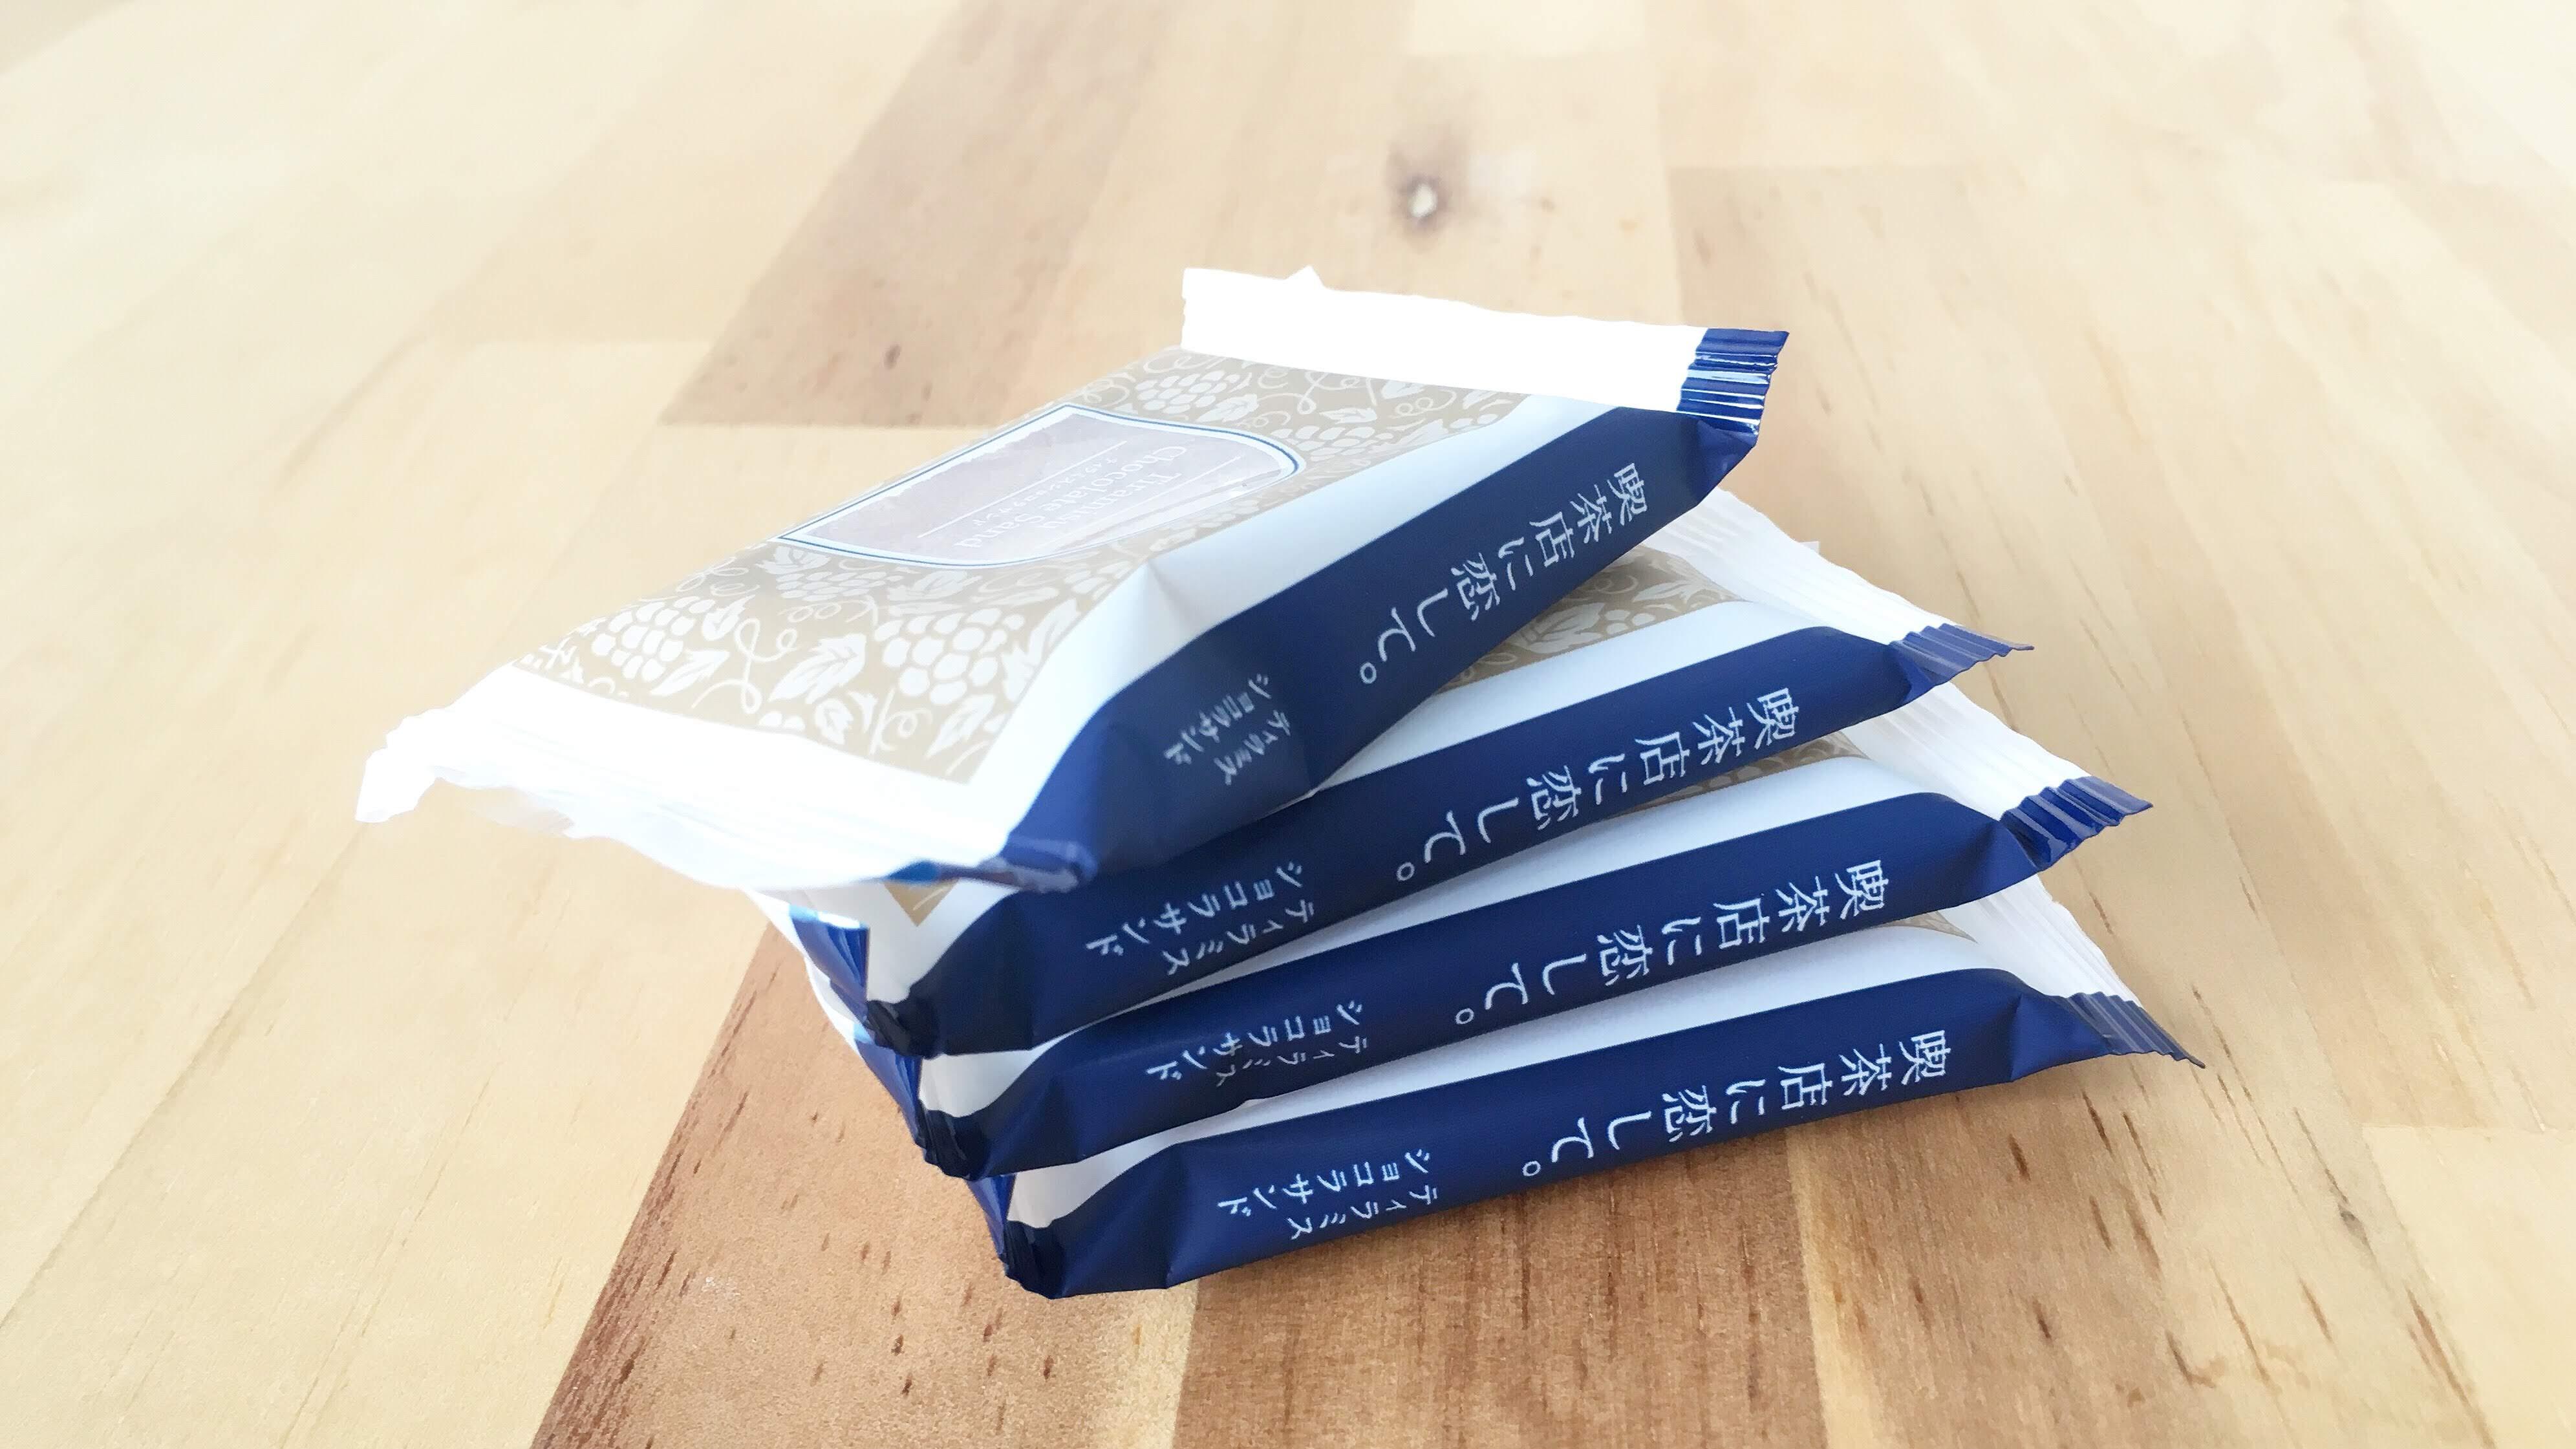 喫茶店に恋して。のティラミスショコラサンドの文庫本のような個包装パッケージ